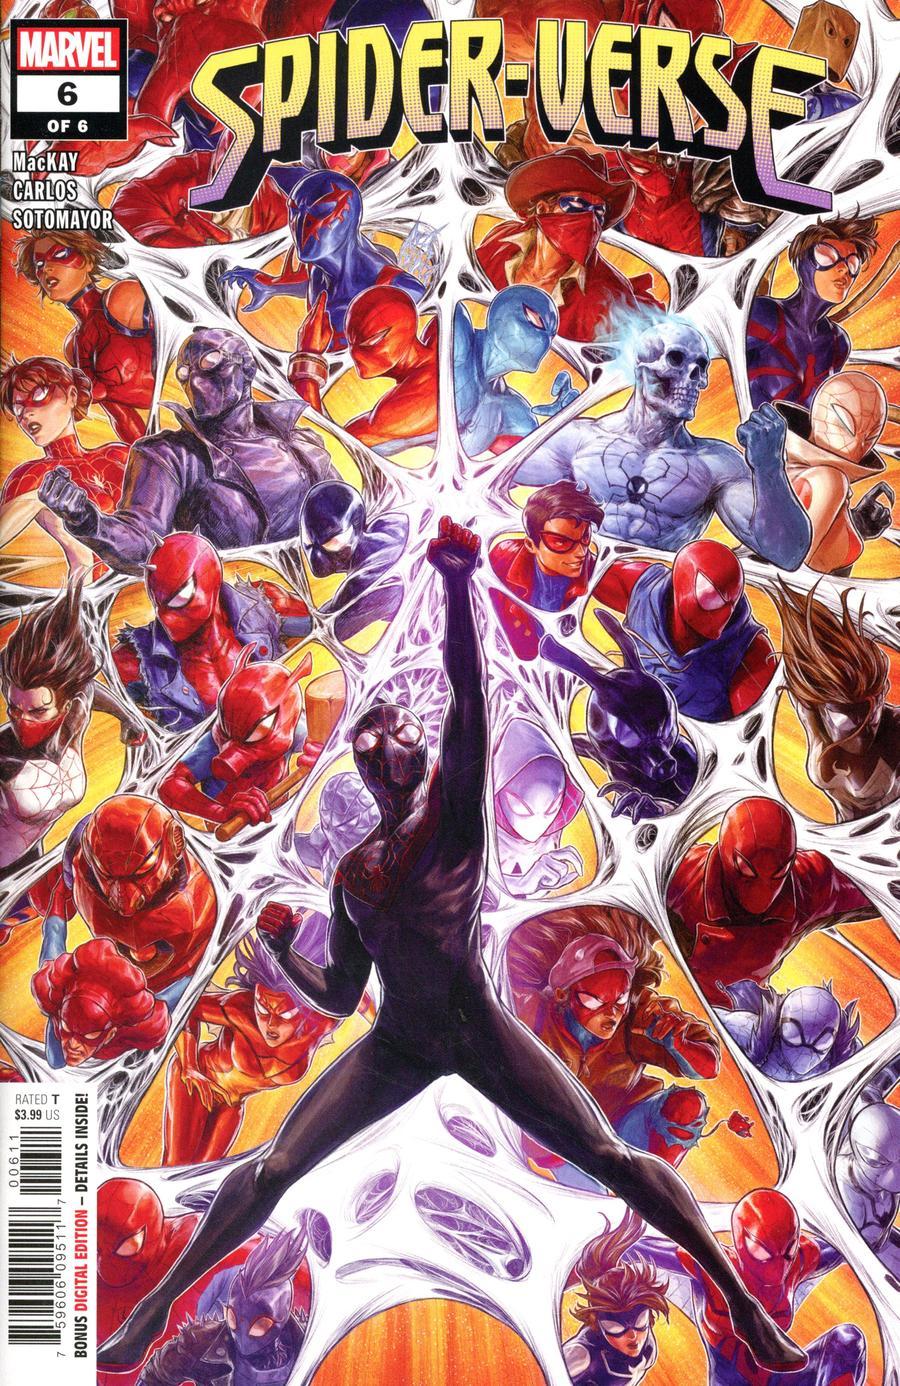 Spider-Verse Vol 3 #6